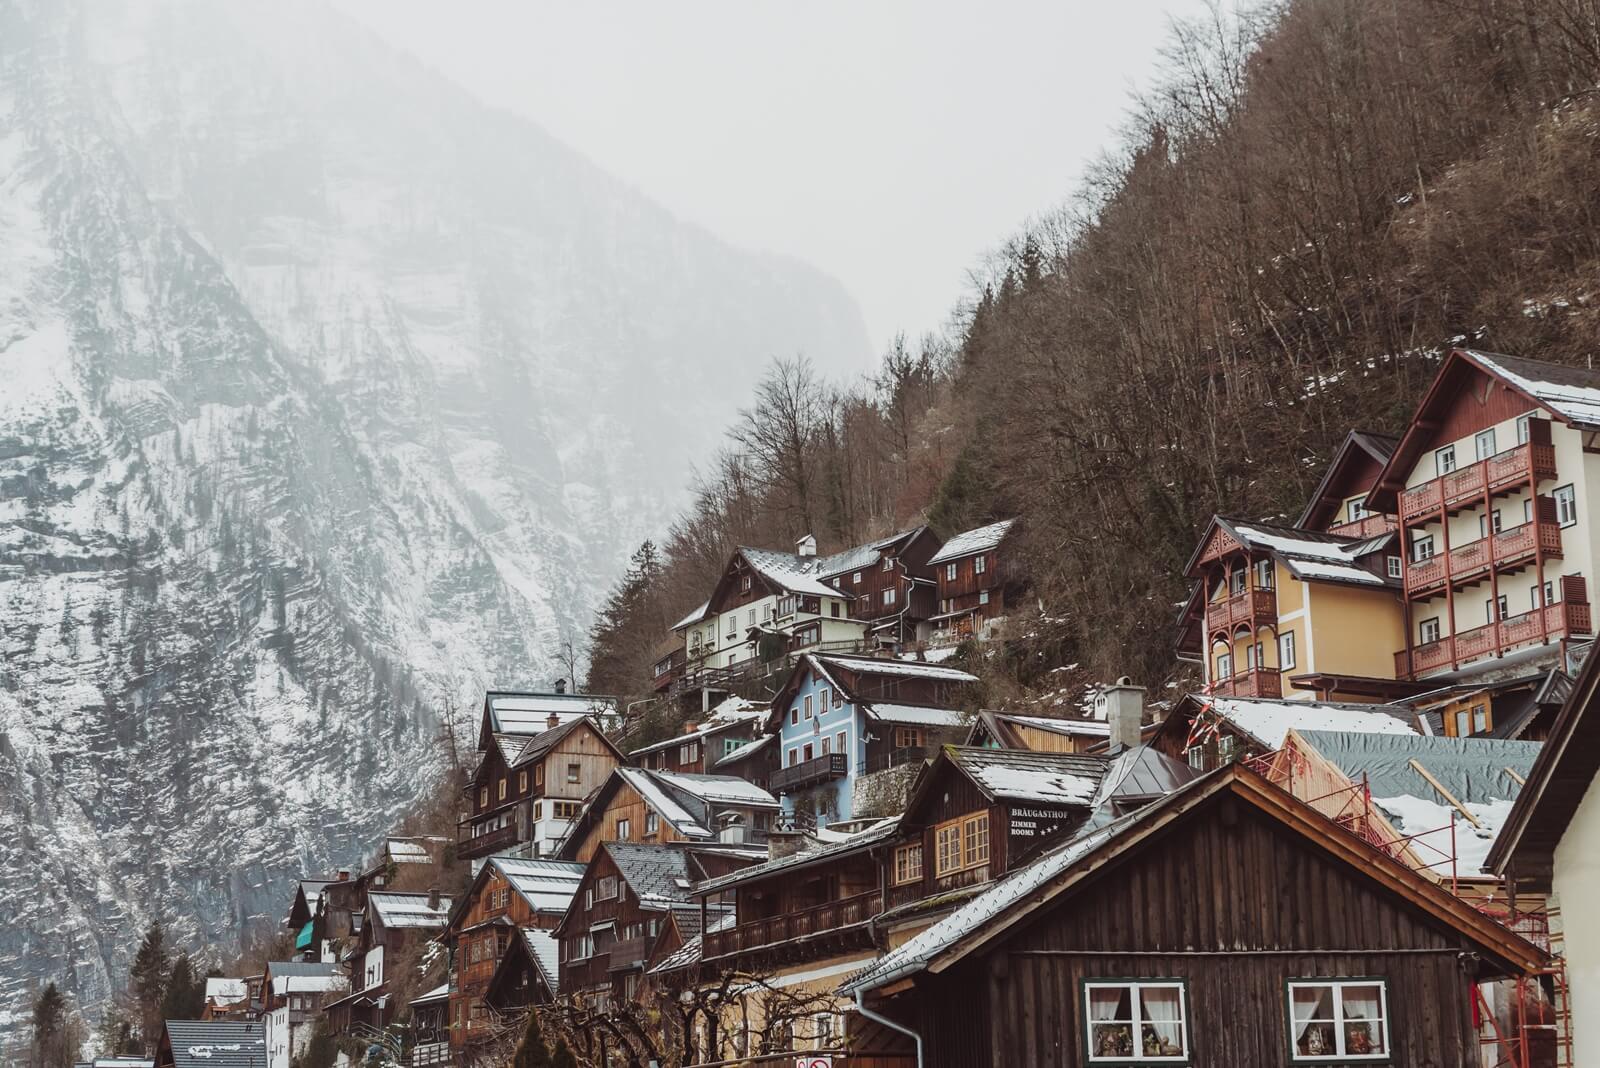 hallstatt-austria-lavienblog-allrightsreserved-2